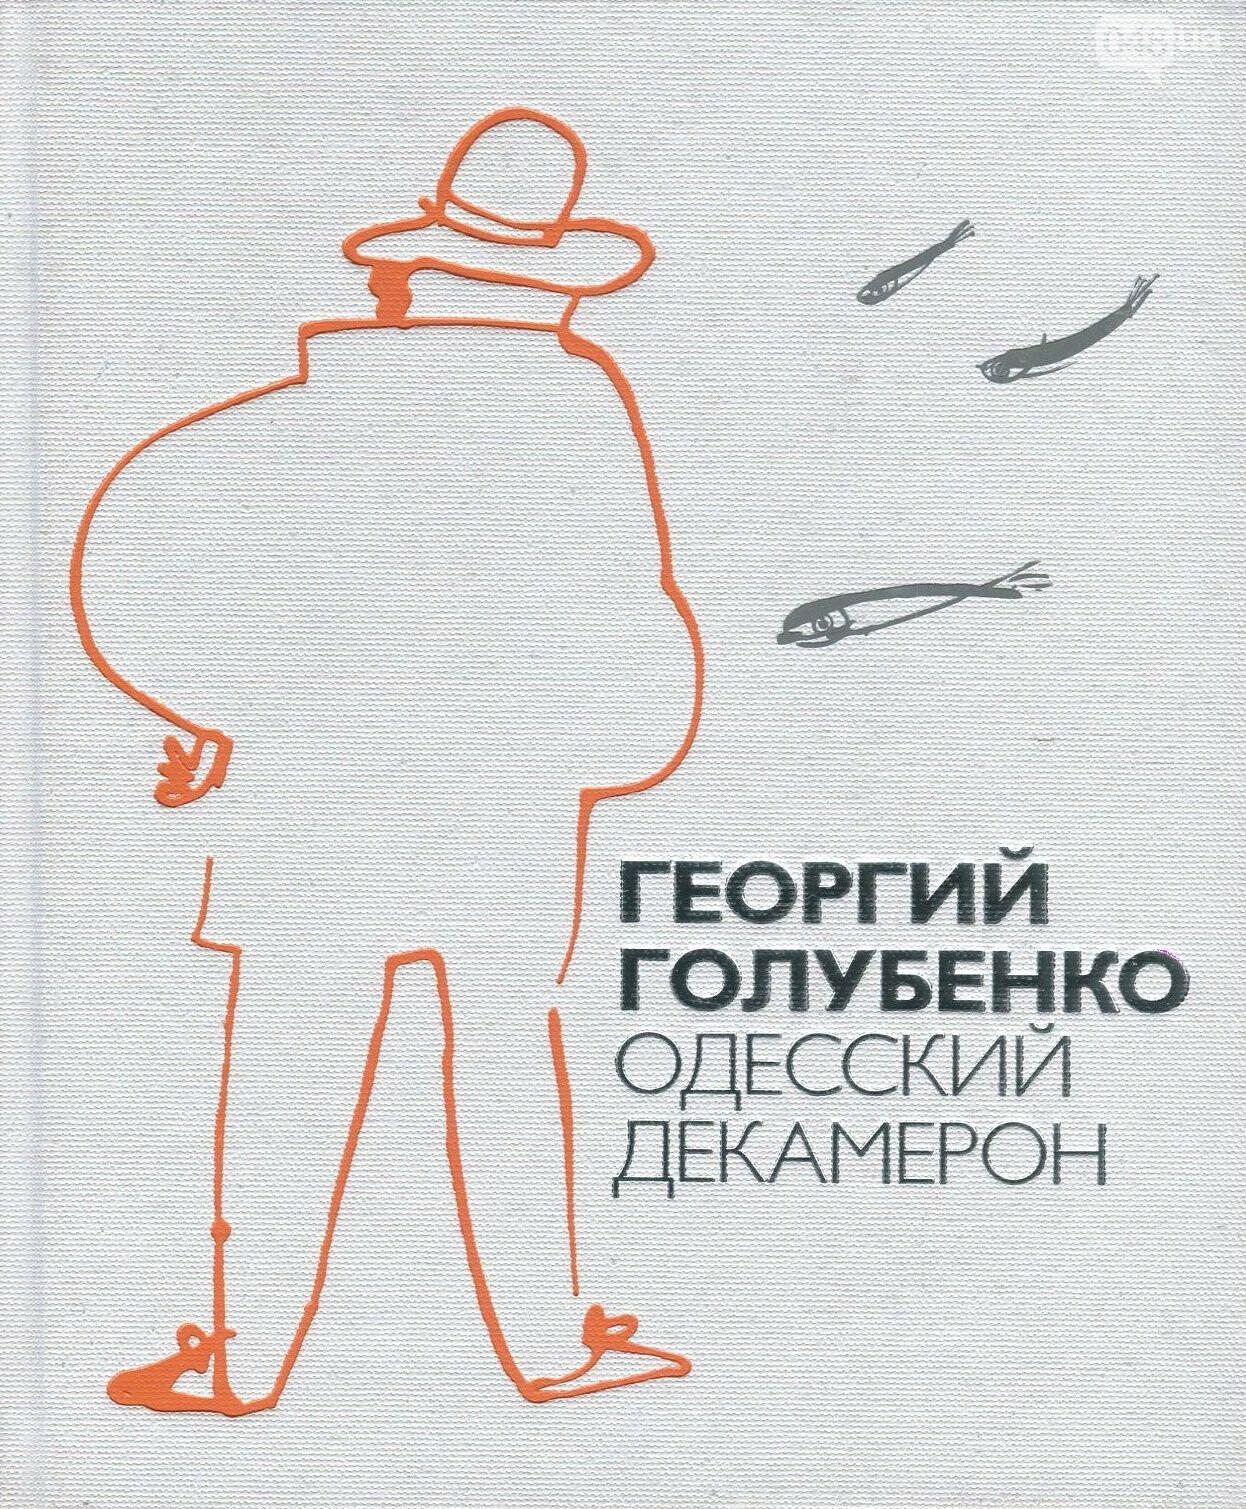 8 книг с духом Одессы, юмором и уникальными пейзажами, фото-5